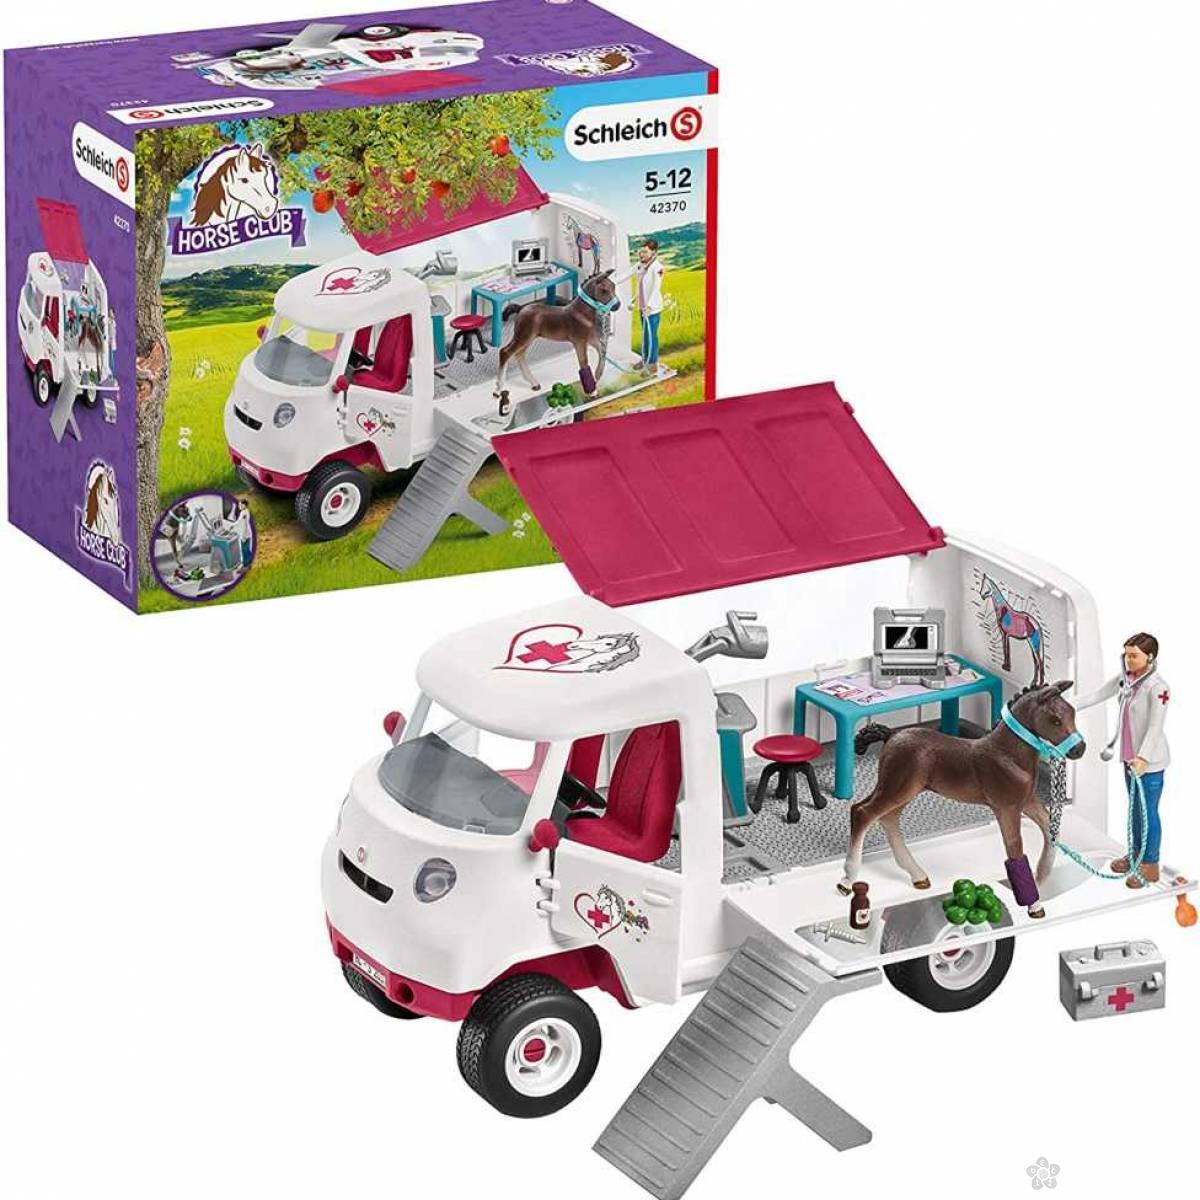 Mobilna veterinarska stanica sa ždrebetom 42370